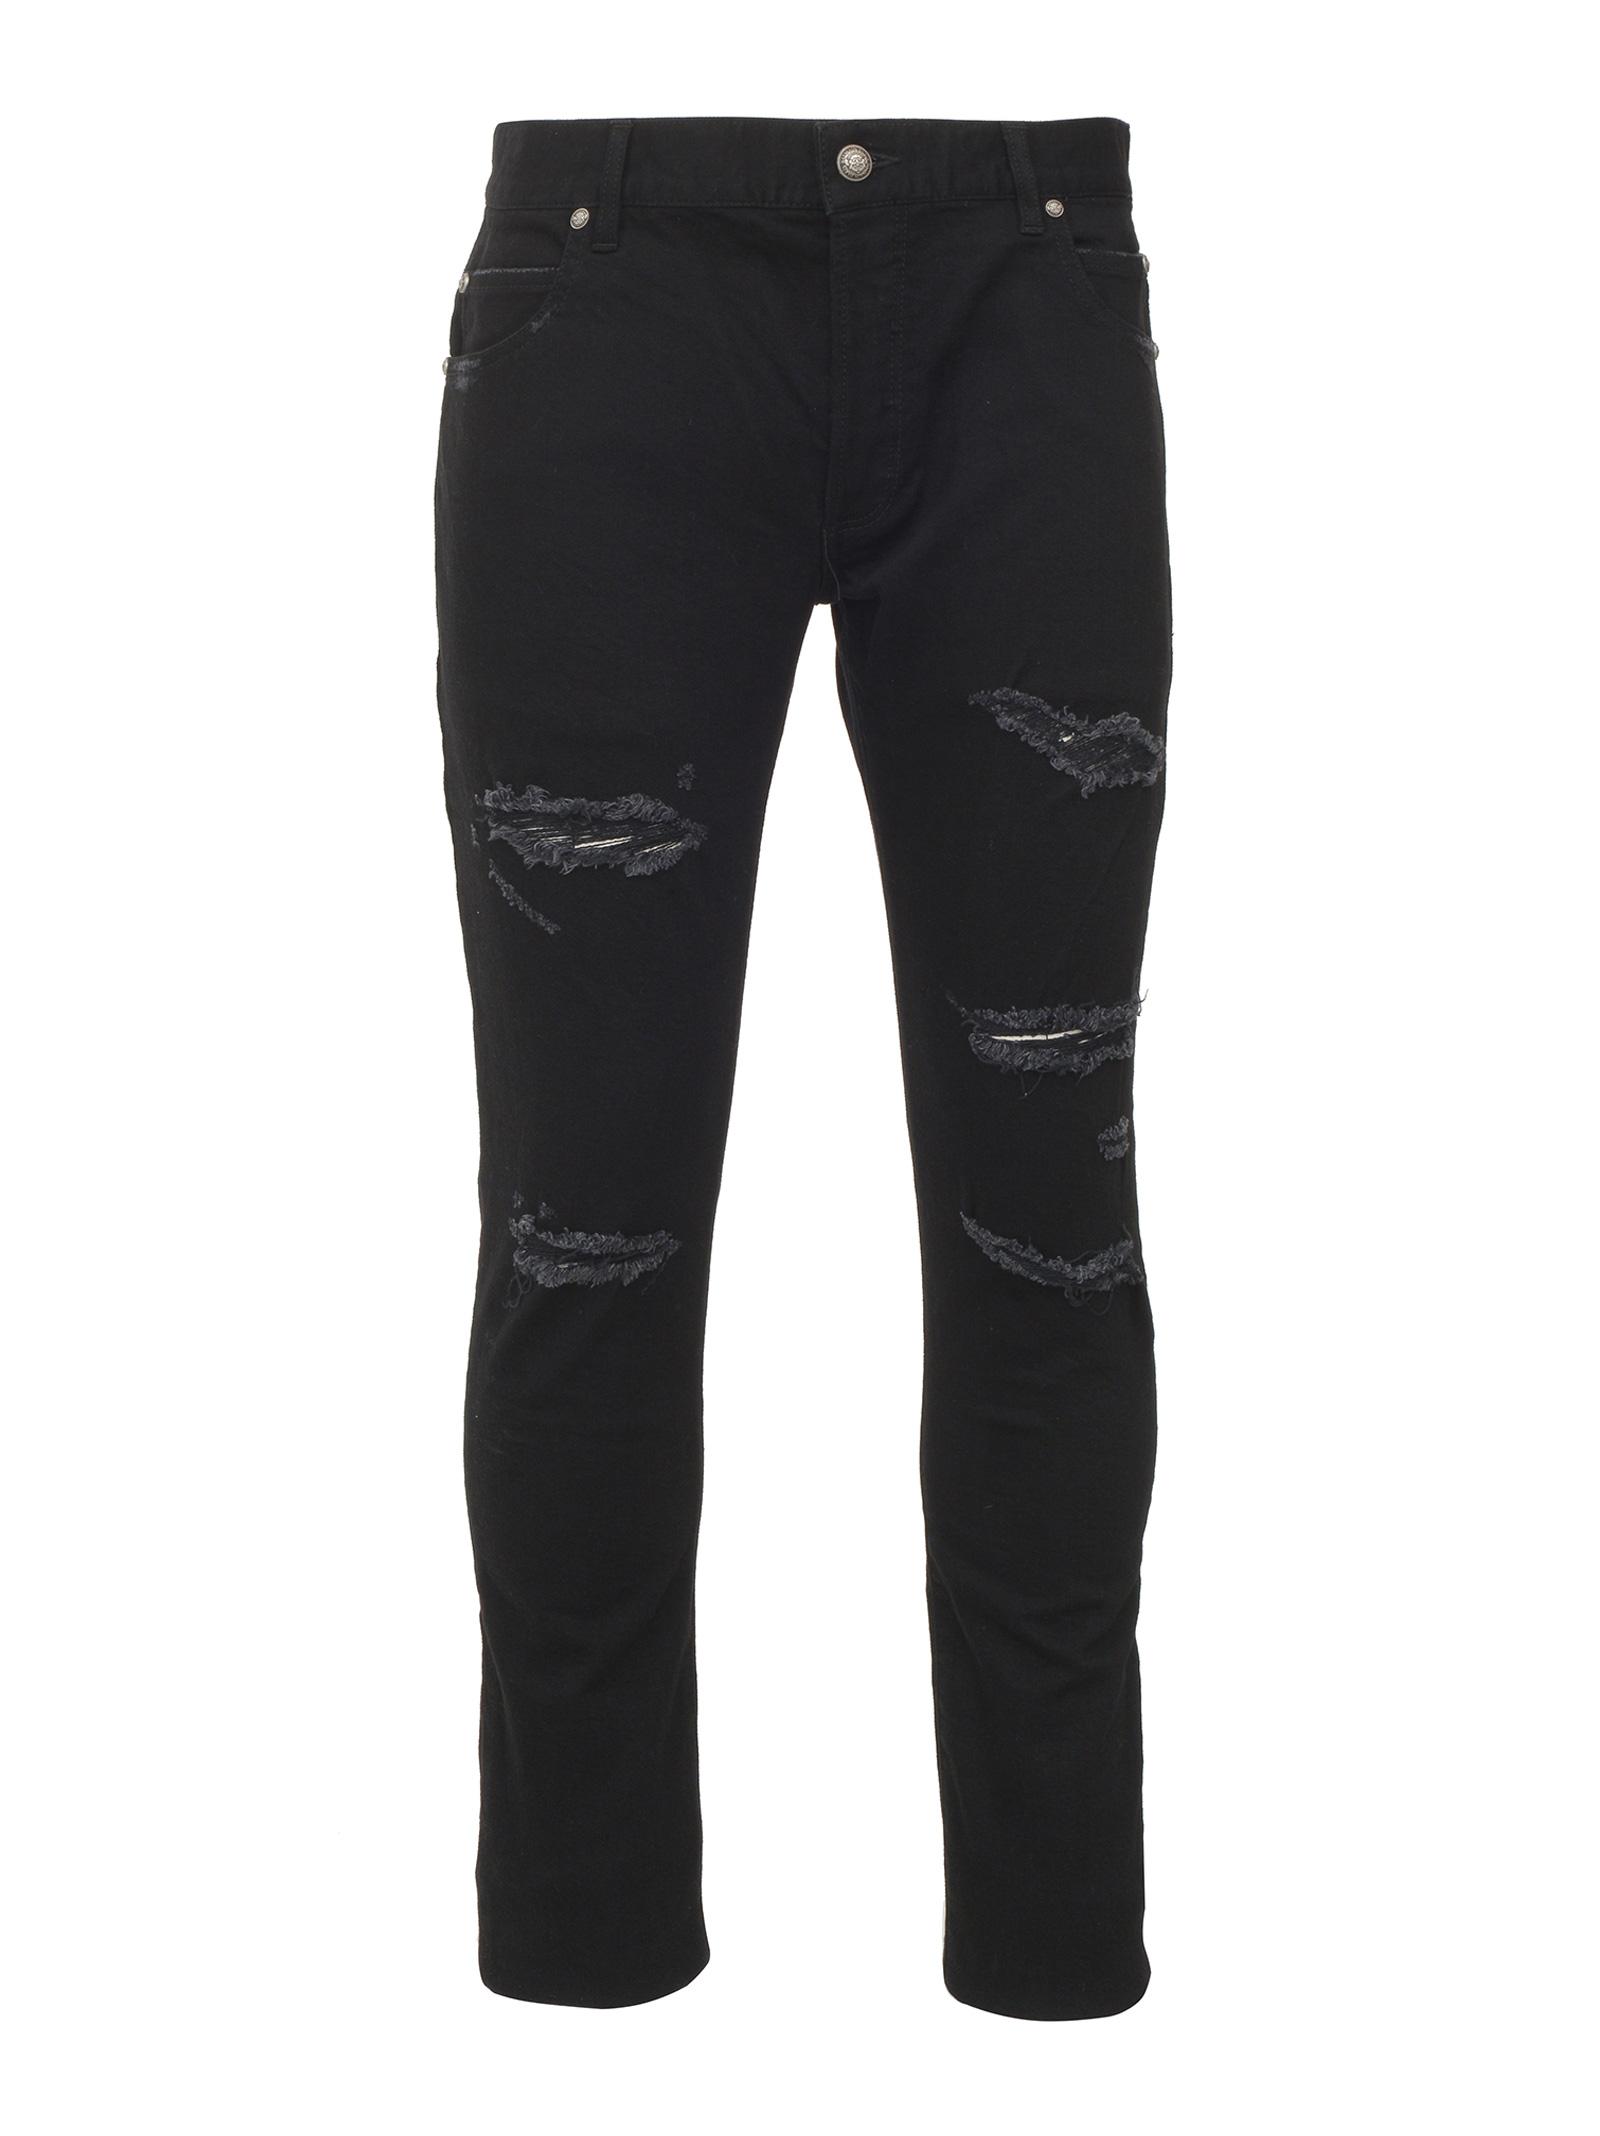 ce8887de89 Balmain Paris Jeans